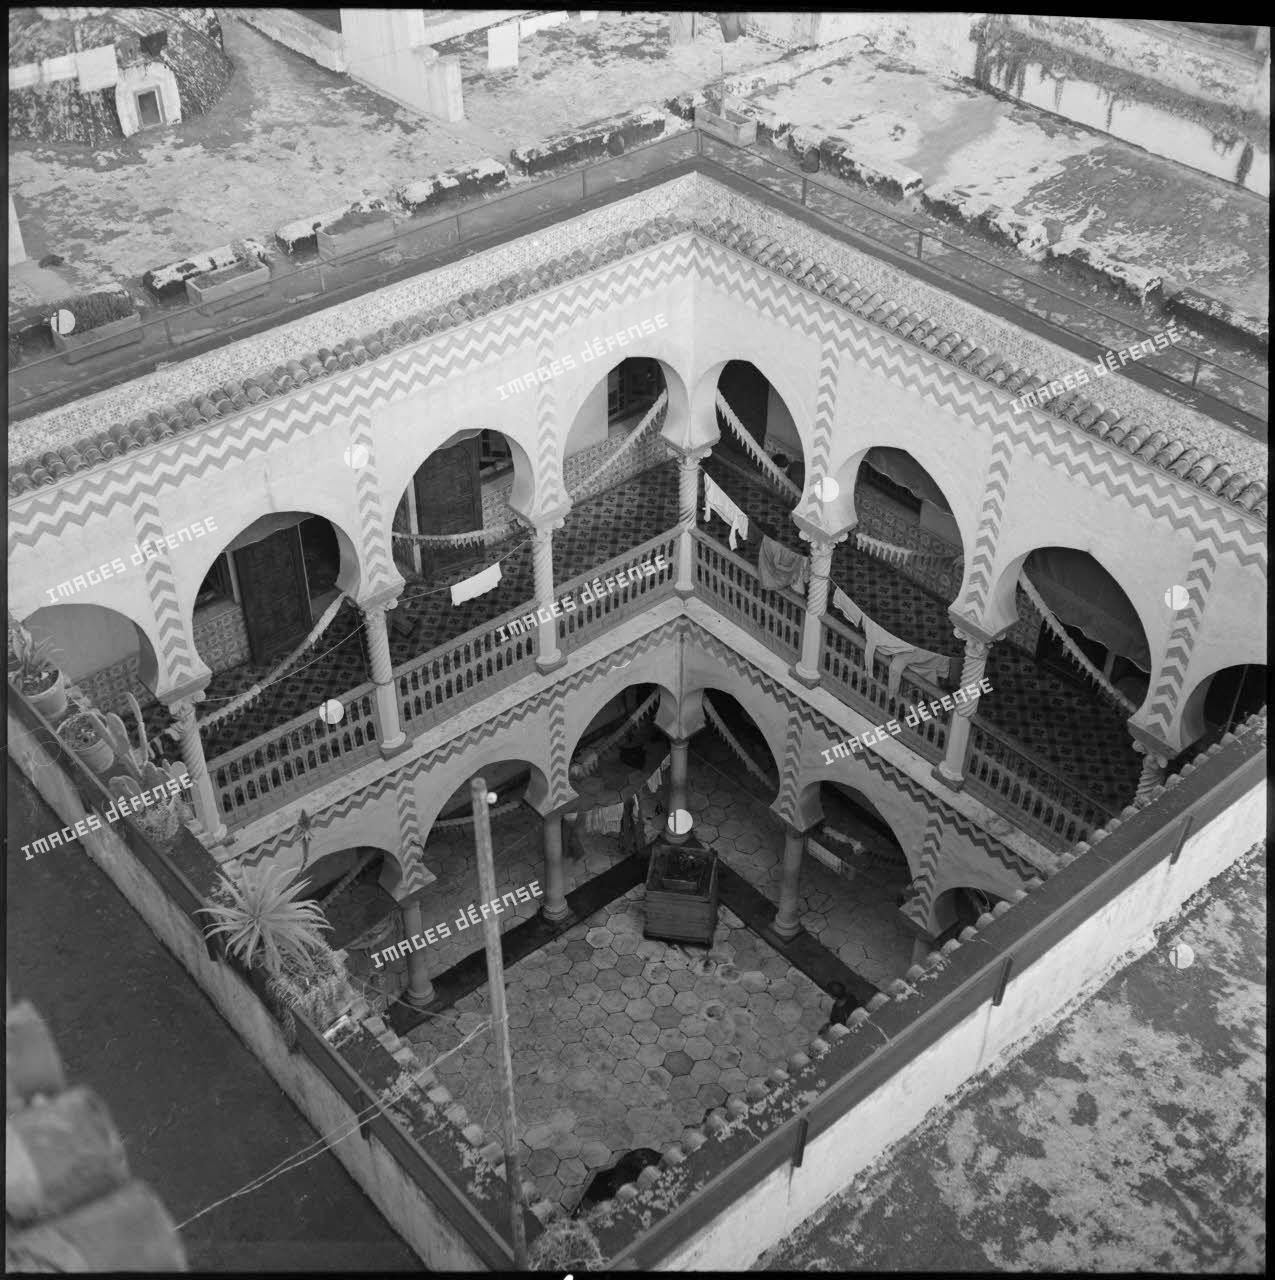 Vue en plongée de la cour intérieure d'un bâtiment de la casbah d'Alger.